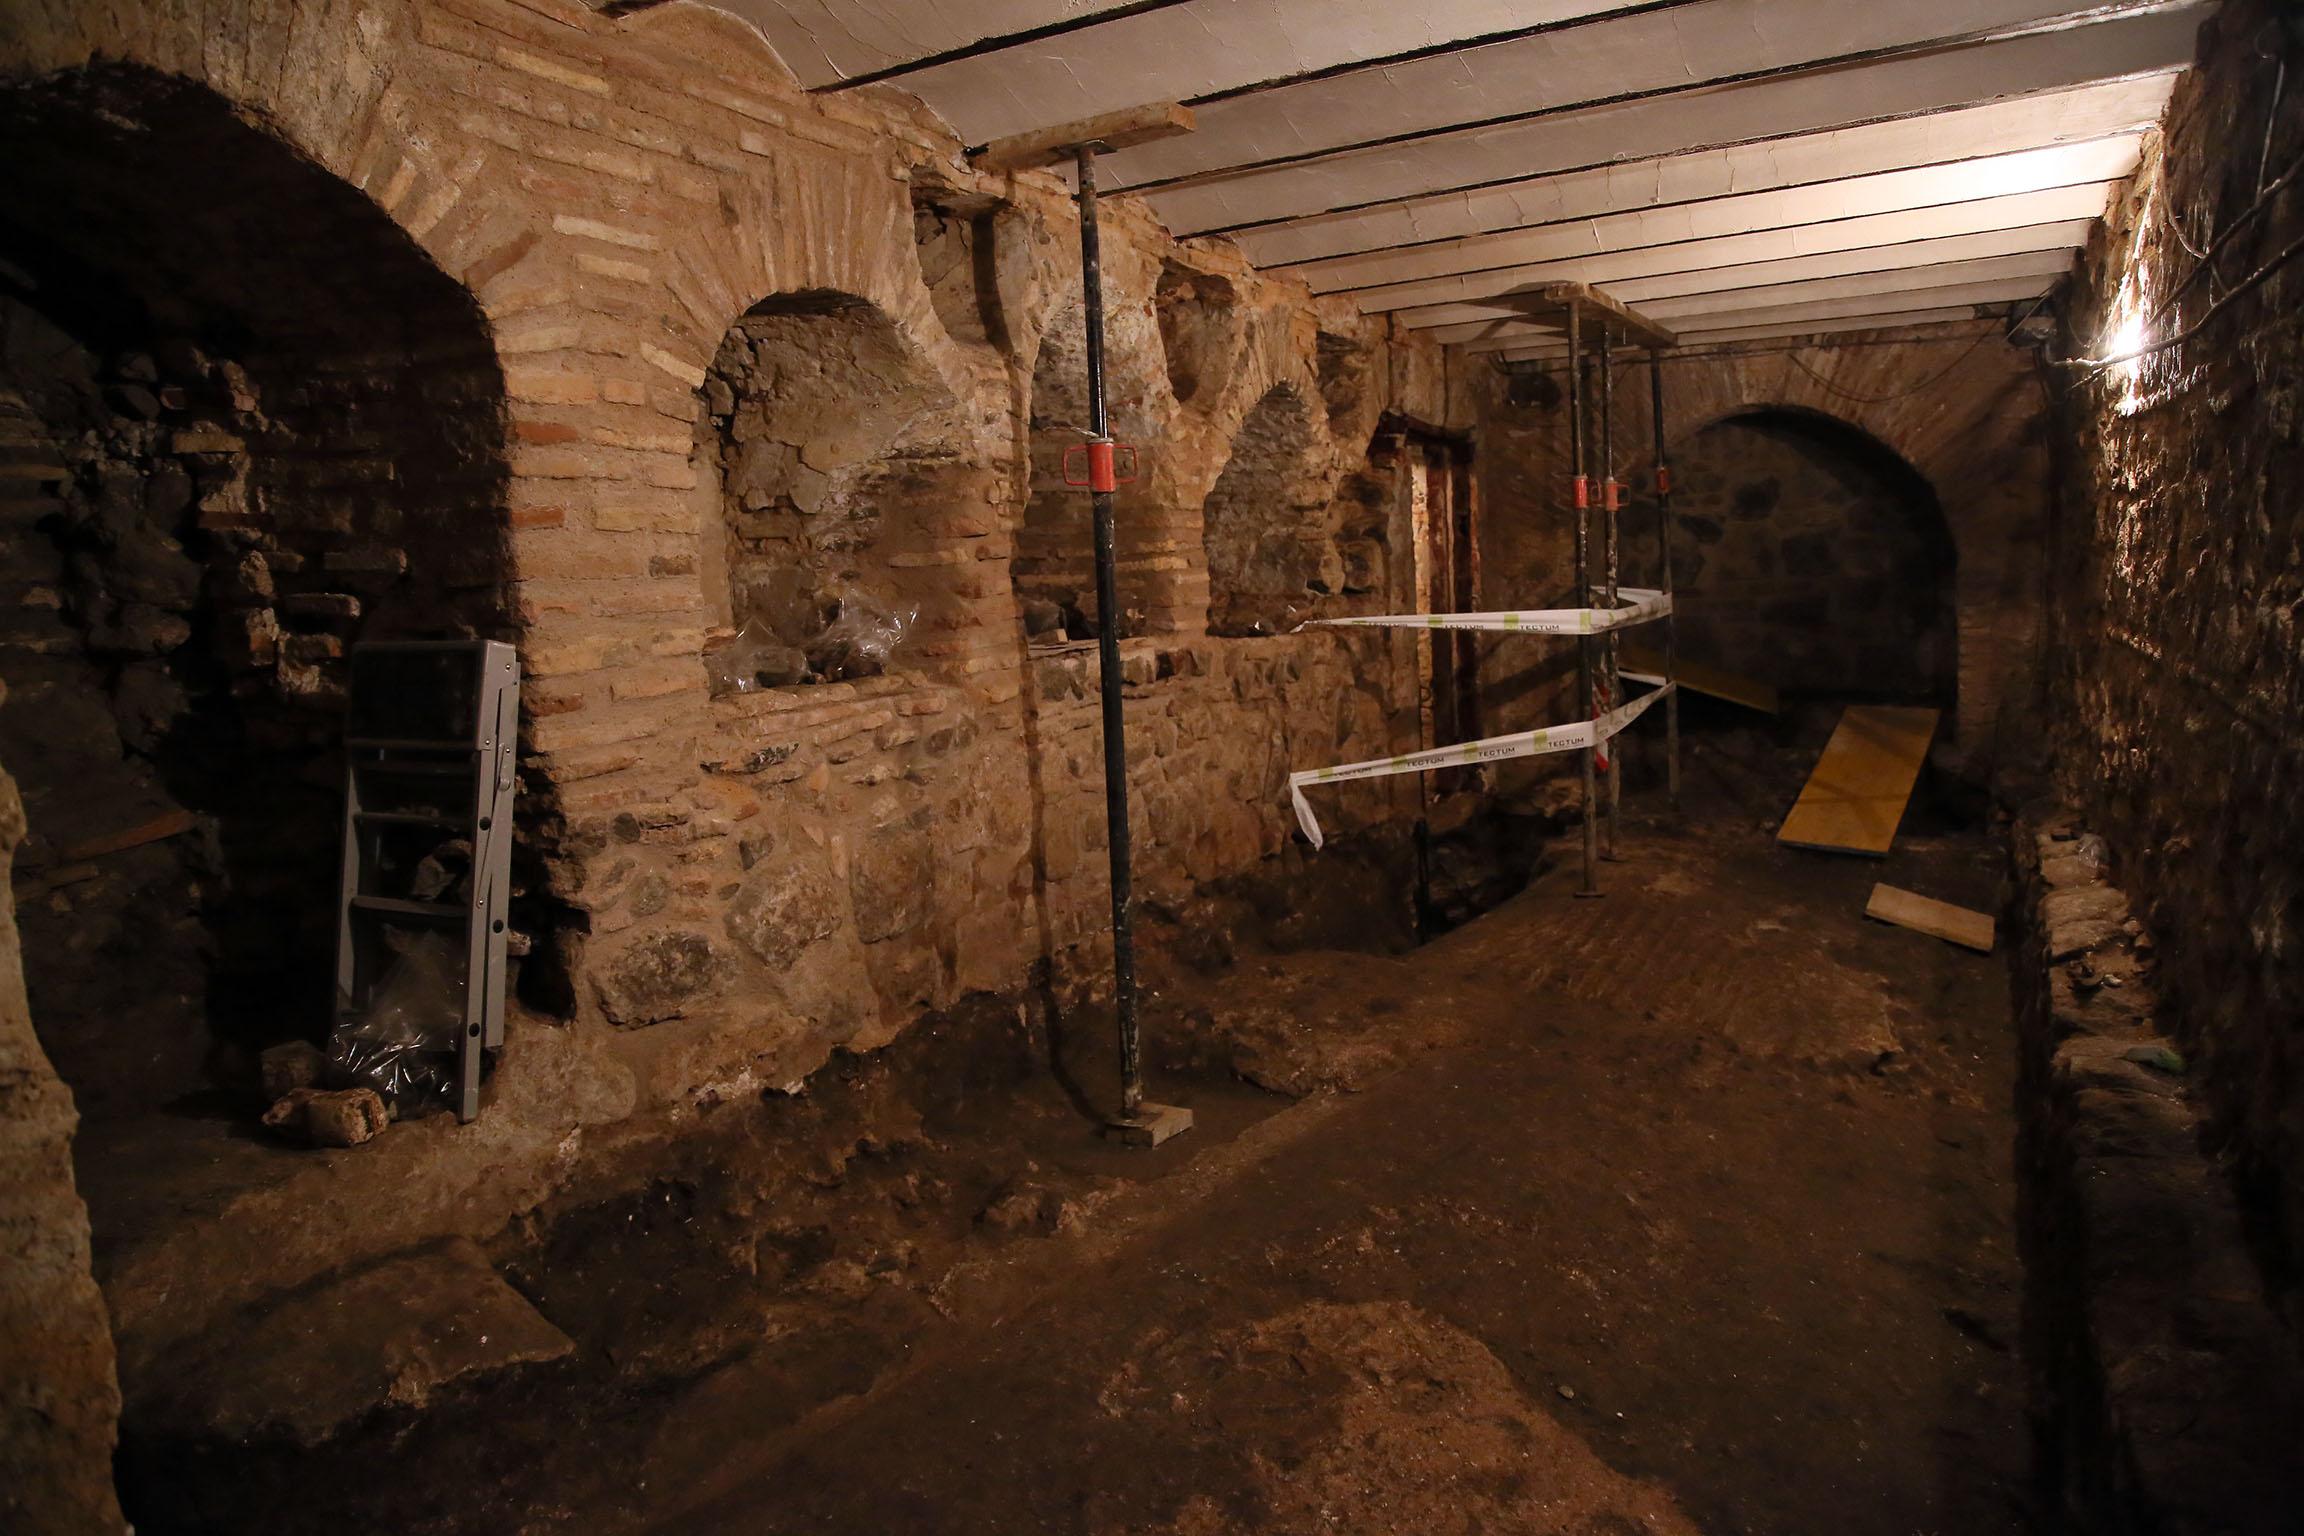 Parte de la galería romana descubierta bajo la calle Amador de los Ríos